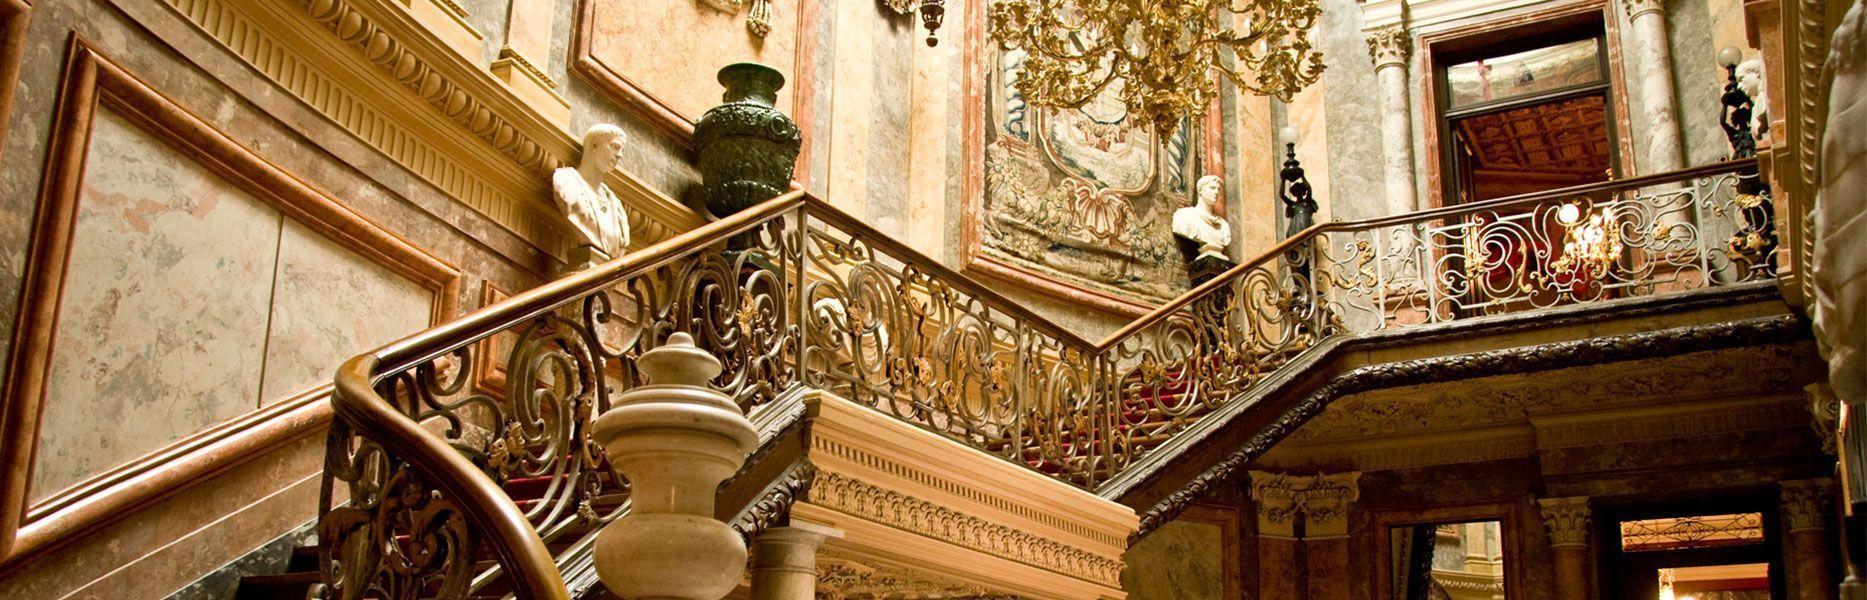 museo-cerralbo-madrid